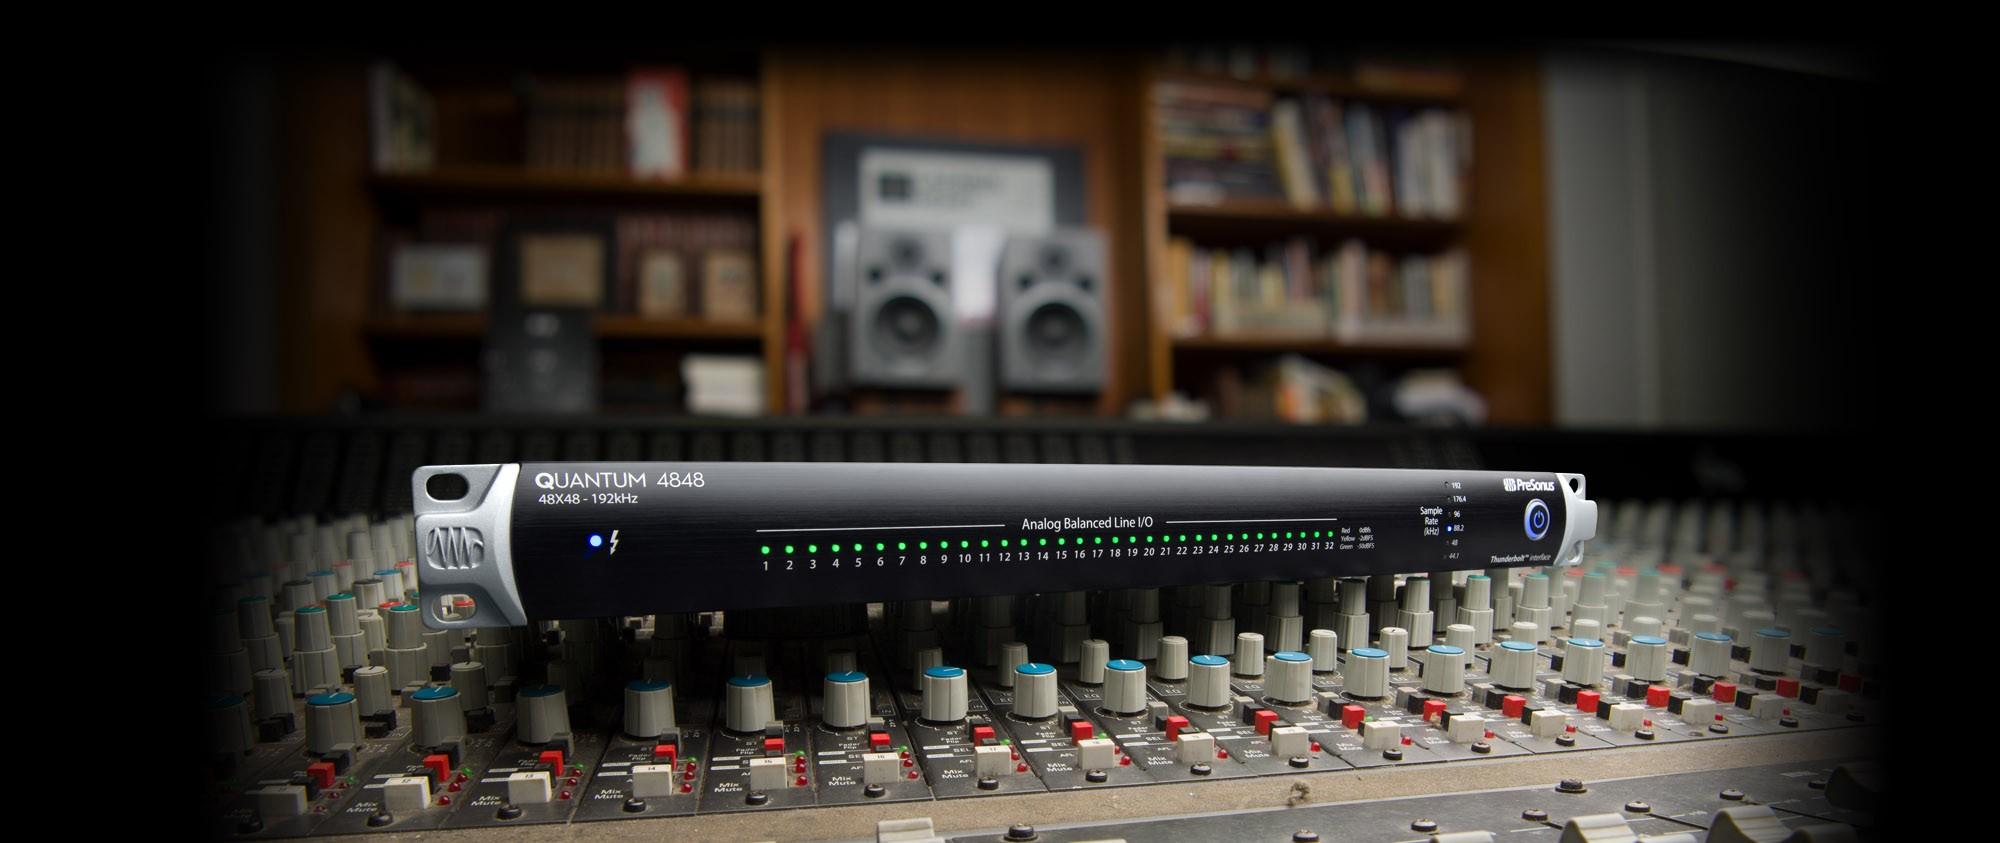 使用Quantum声卡将复古设备和你的DAW融合